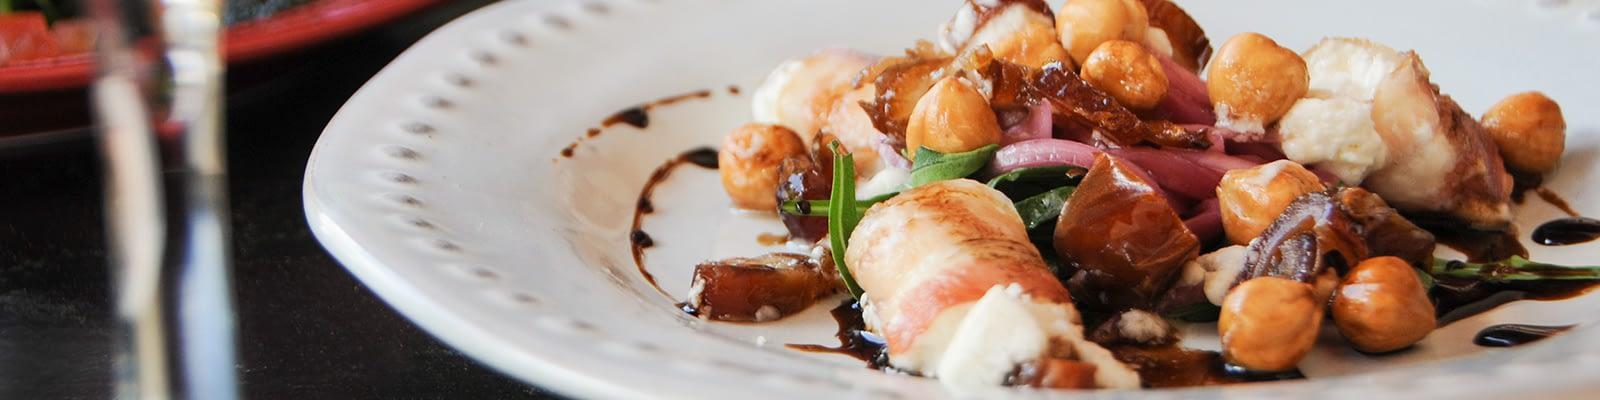 BonTapa-restaurant-slider-7